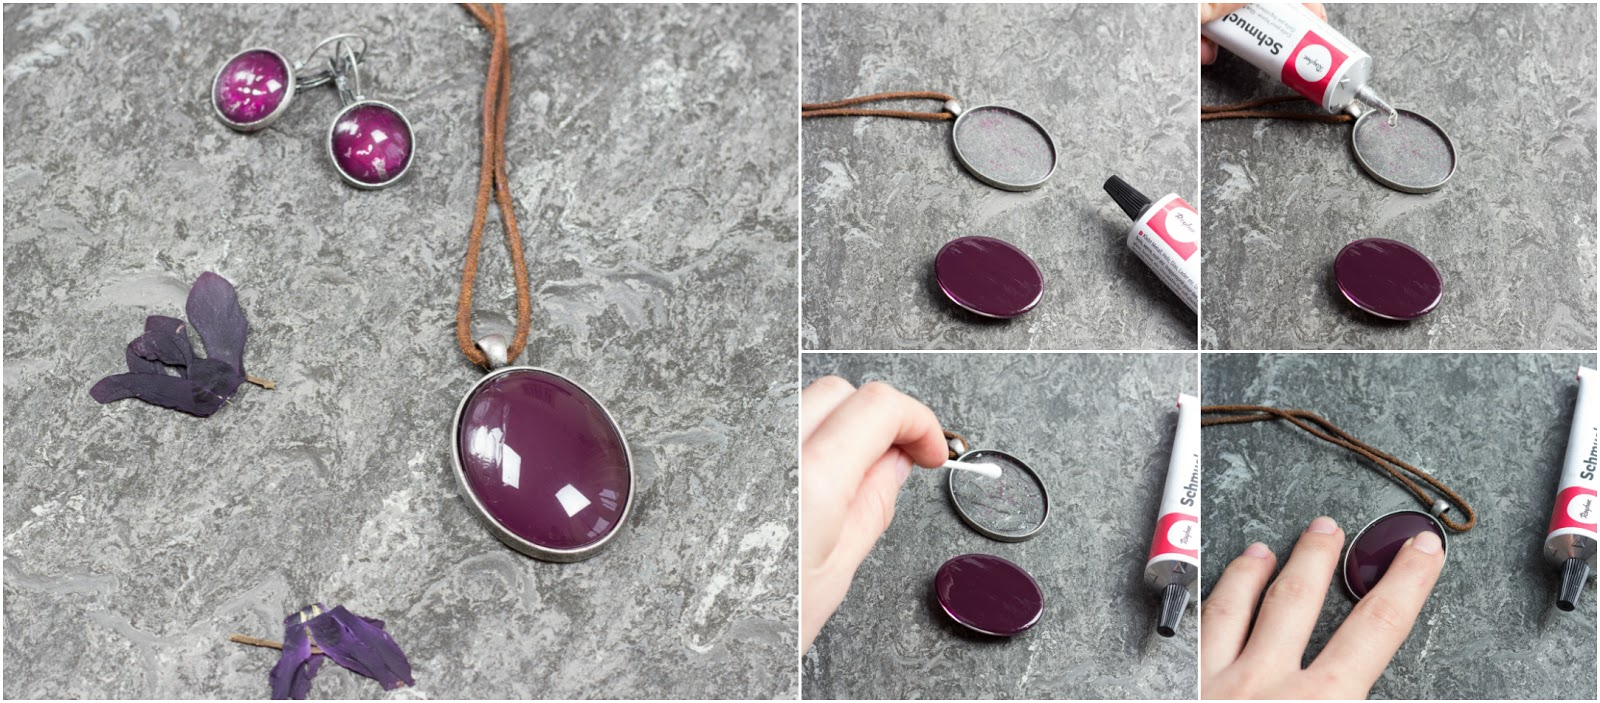 Der magische Anhänger im Stil der Schattendiebin - DIY Cabohon Anhänger und Ohrringe mit Nagellack selber basteln